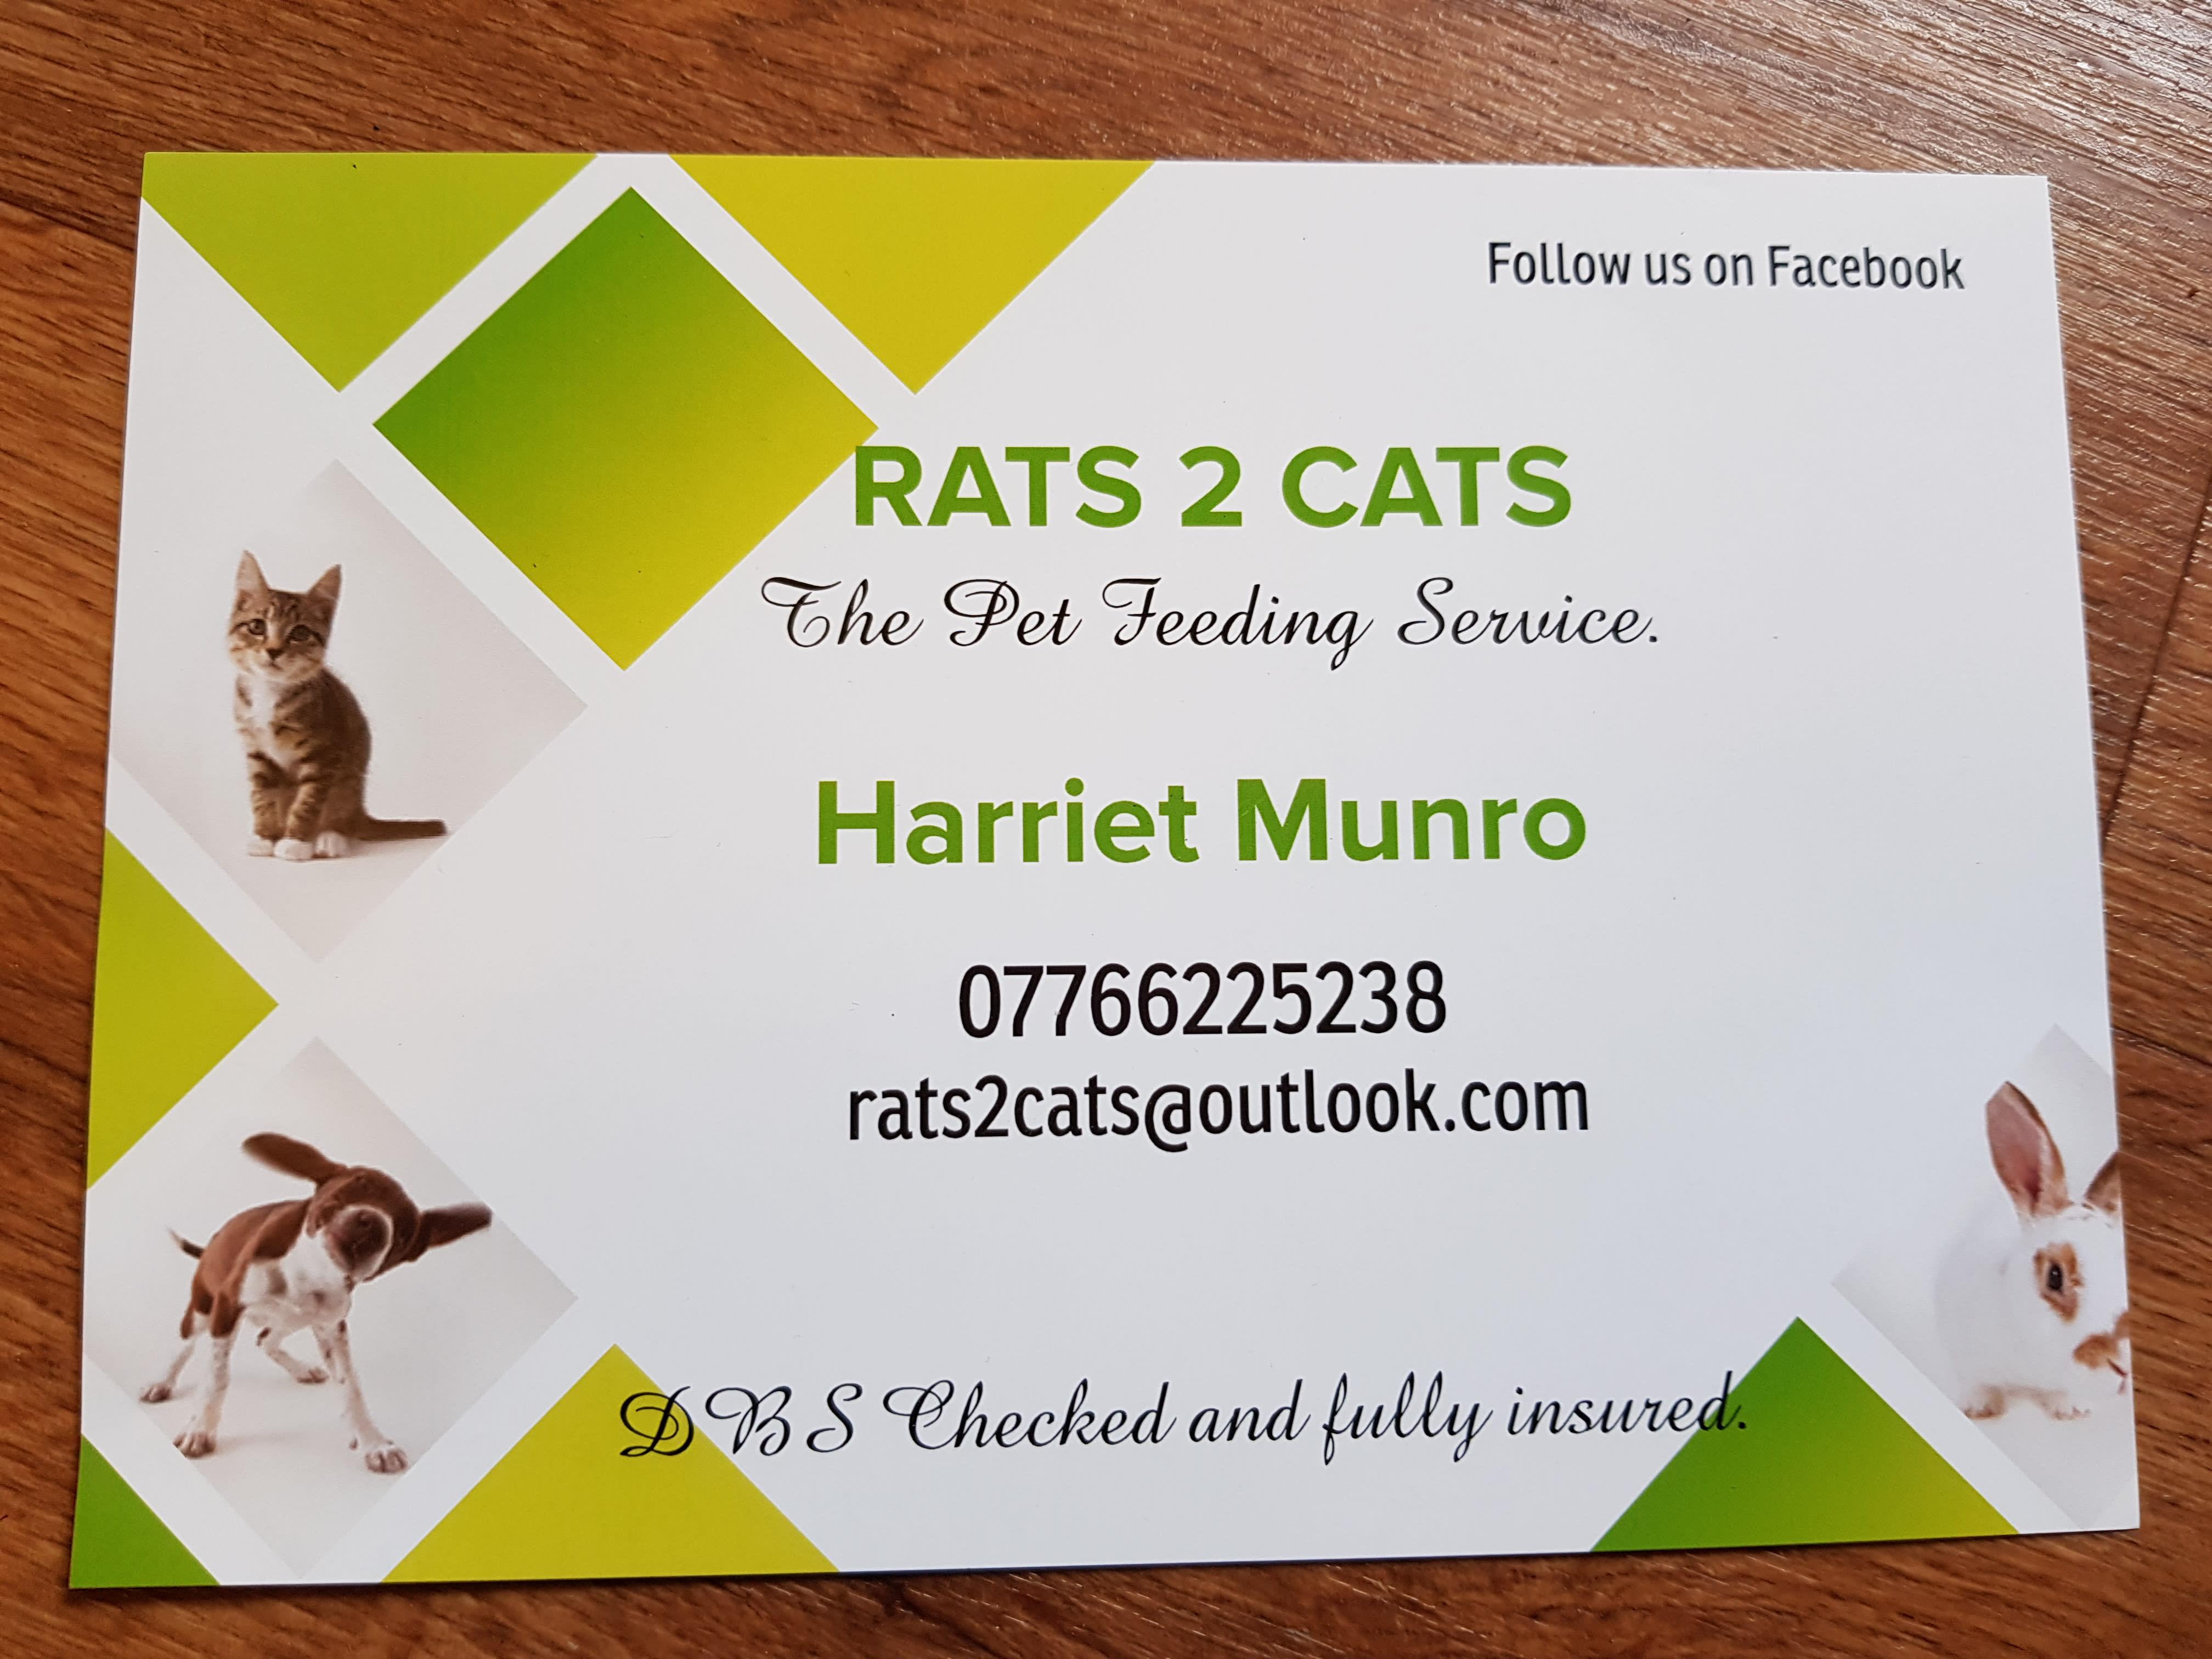 Rats 2 Cats